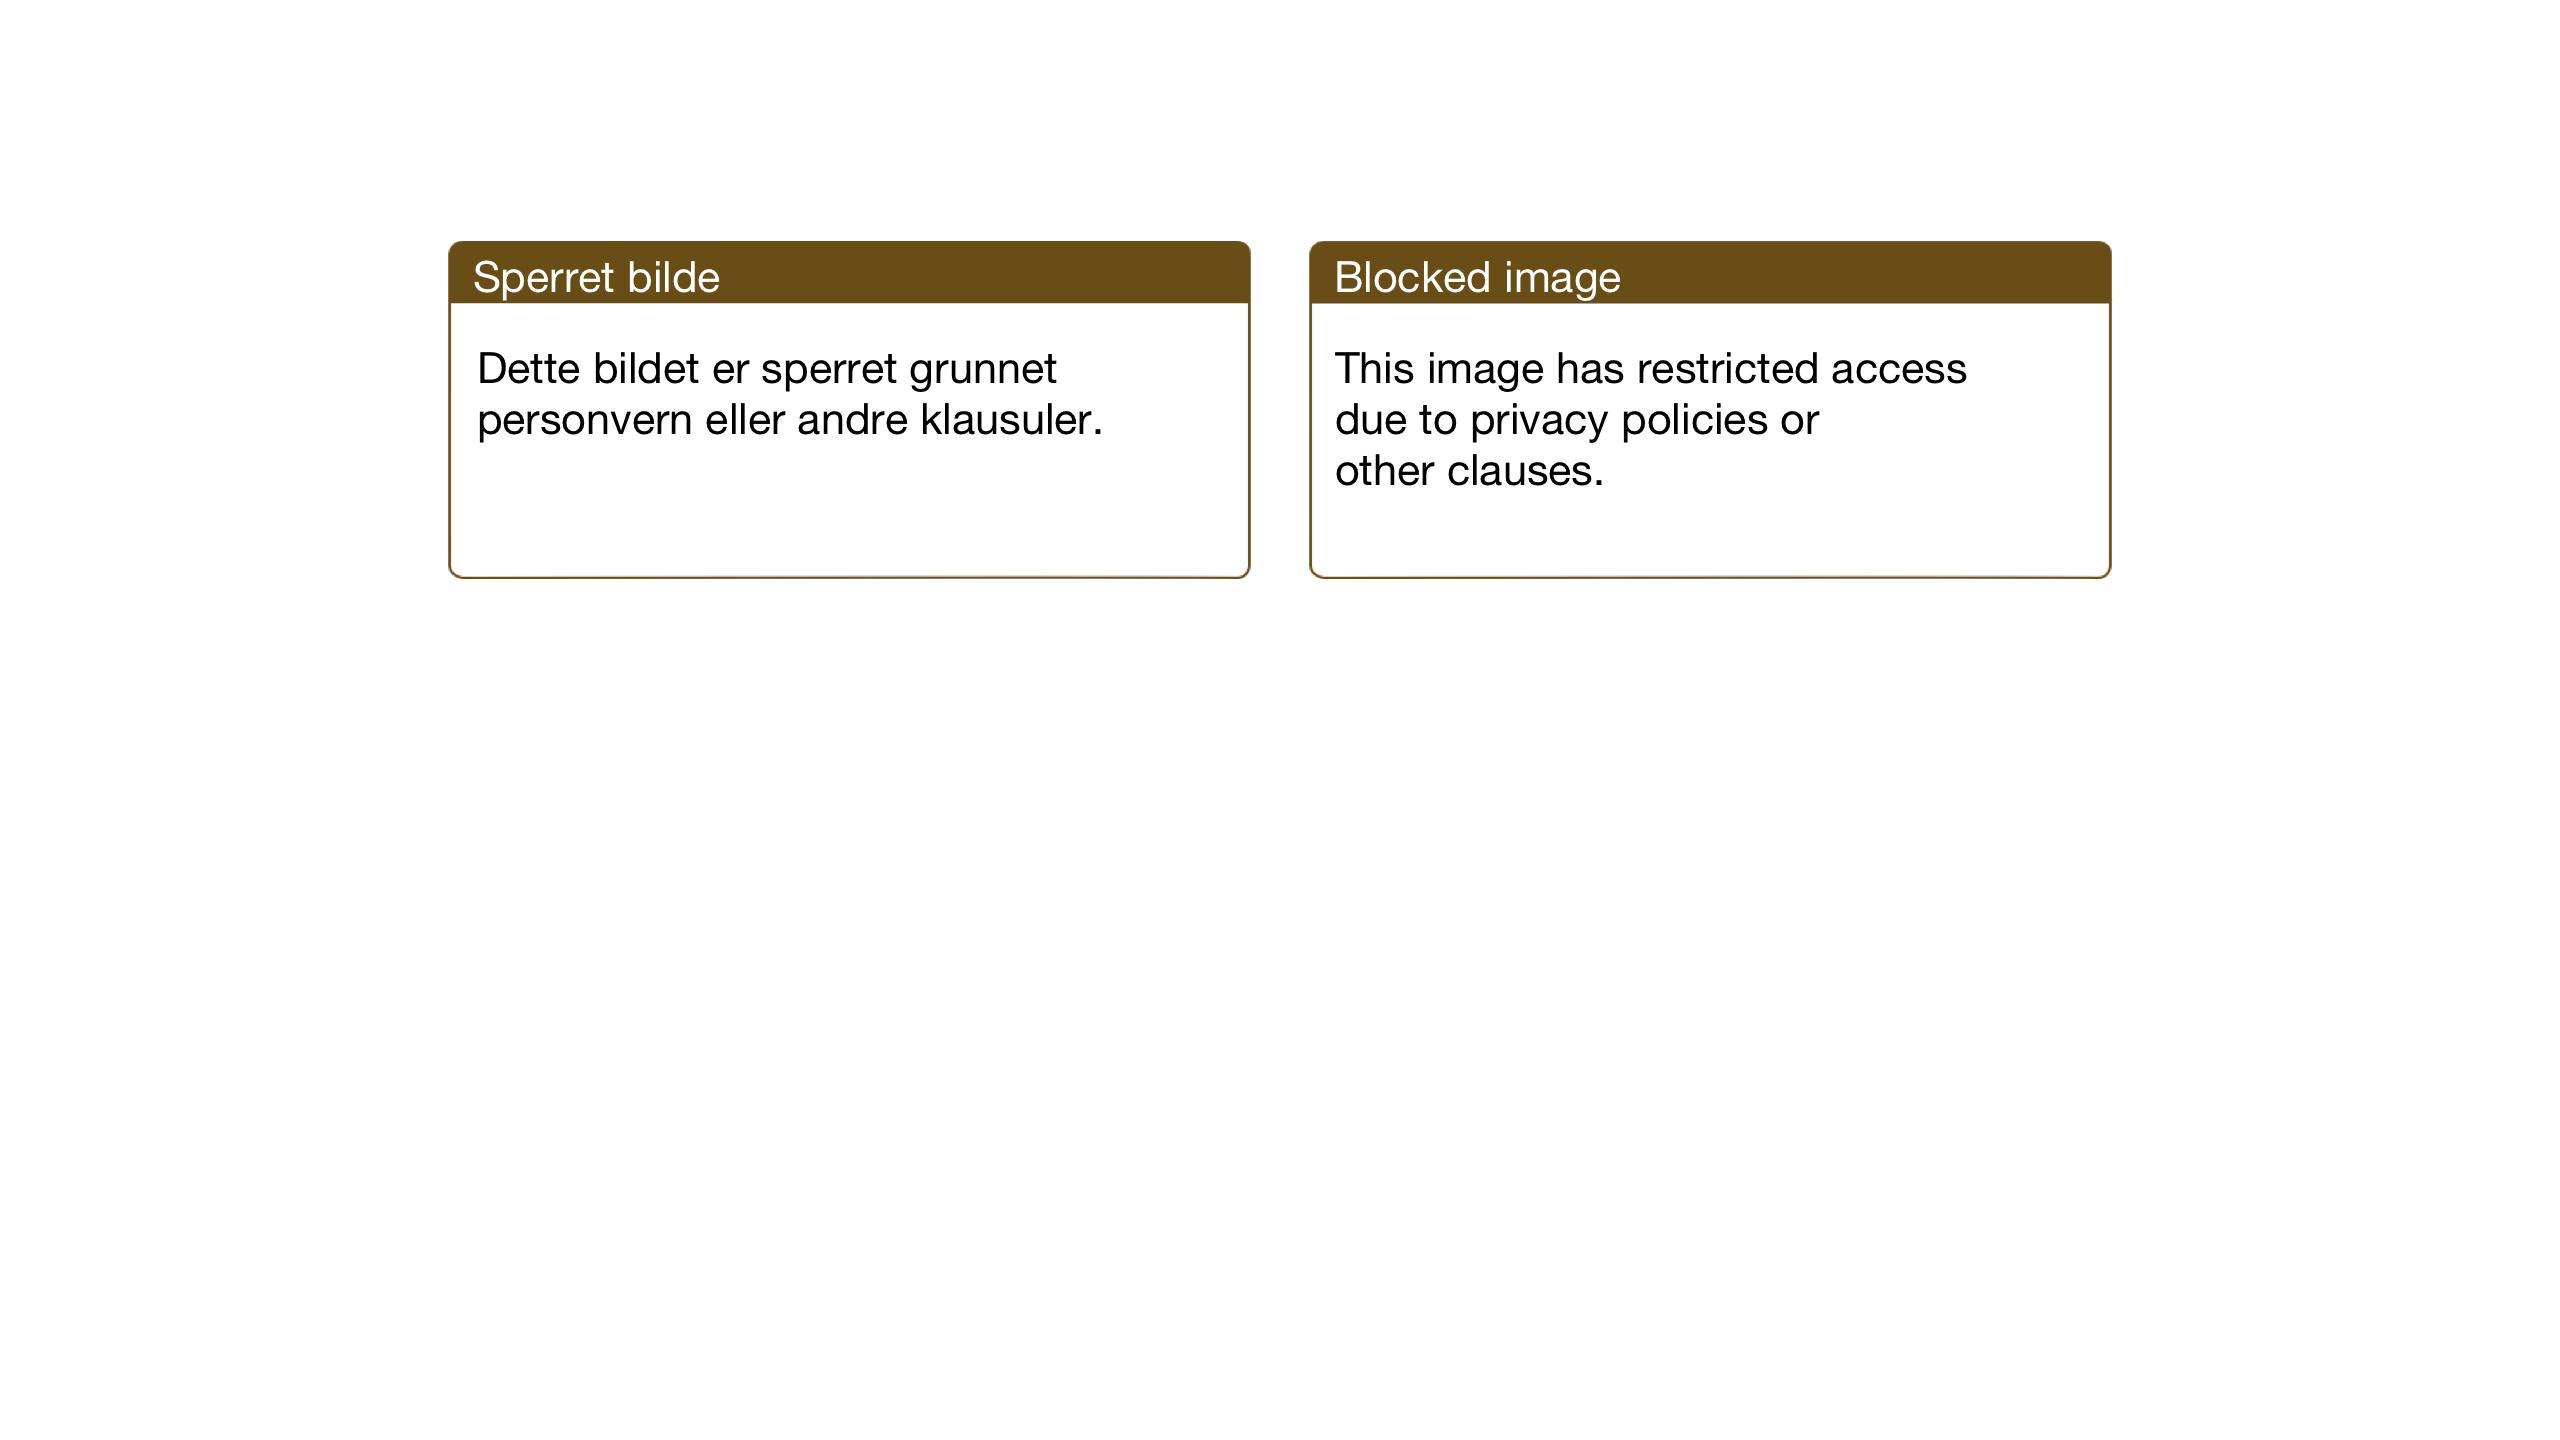 SAT, Ministerialprotokoller, klokkerbøker og fødselsregistre - Sør-Trøndelag, 662/L0758: Klokkerbok nr. 662C03, 1918-1948, s. 165